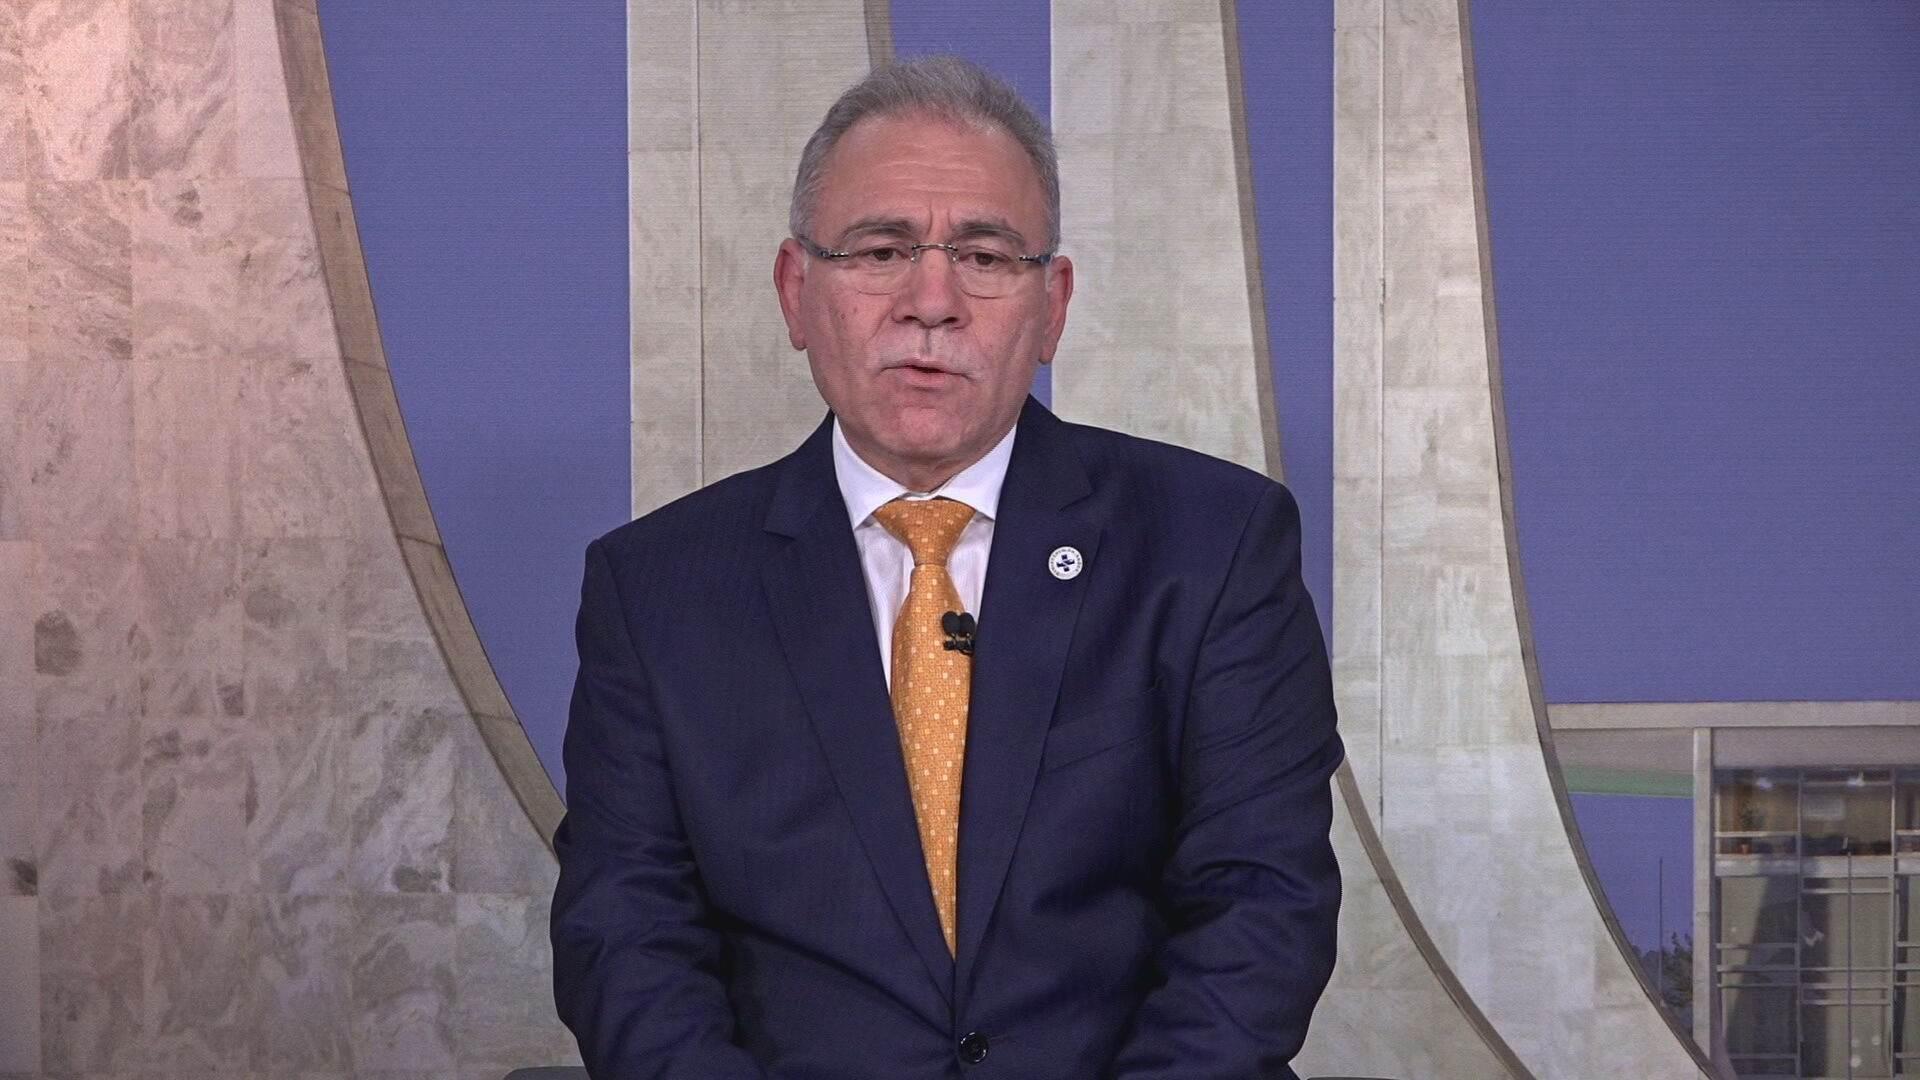 Ministro da Saúde Marcelo Queiroga em entrevista à CNN